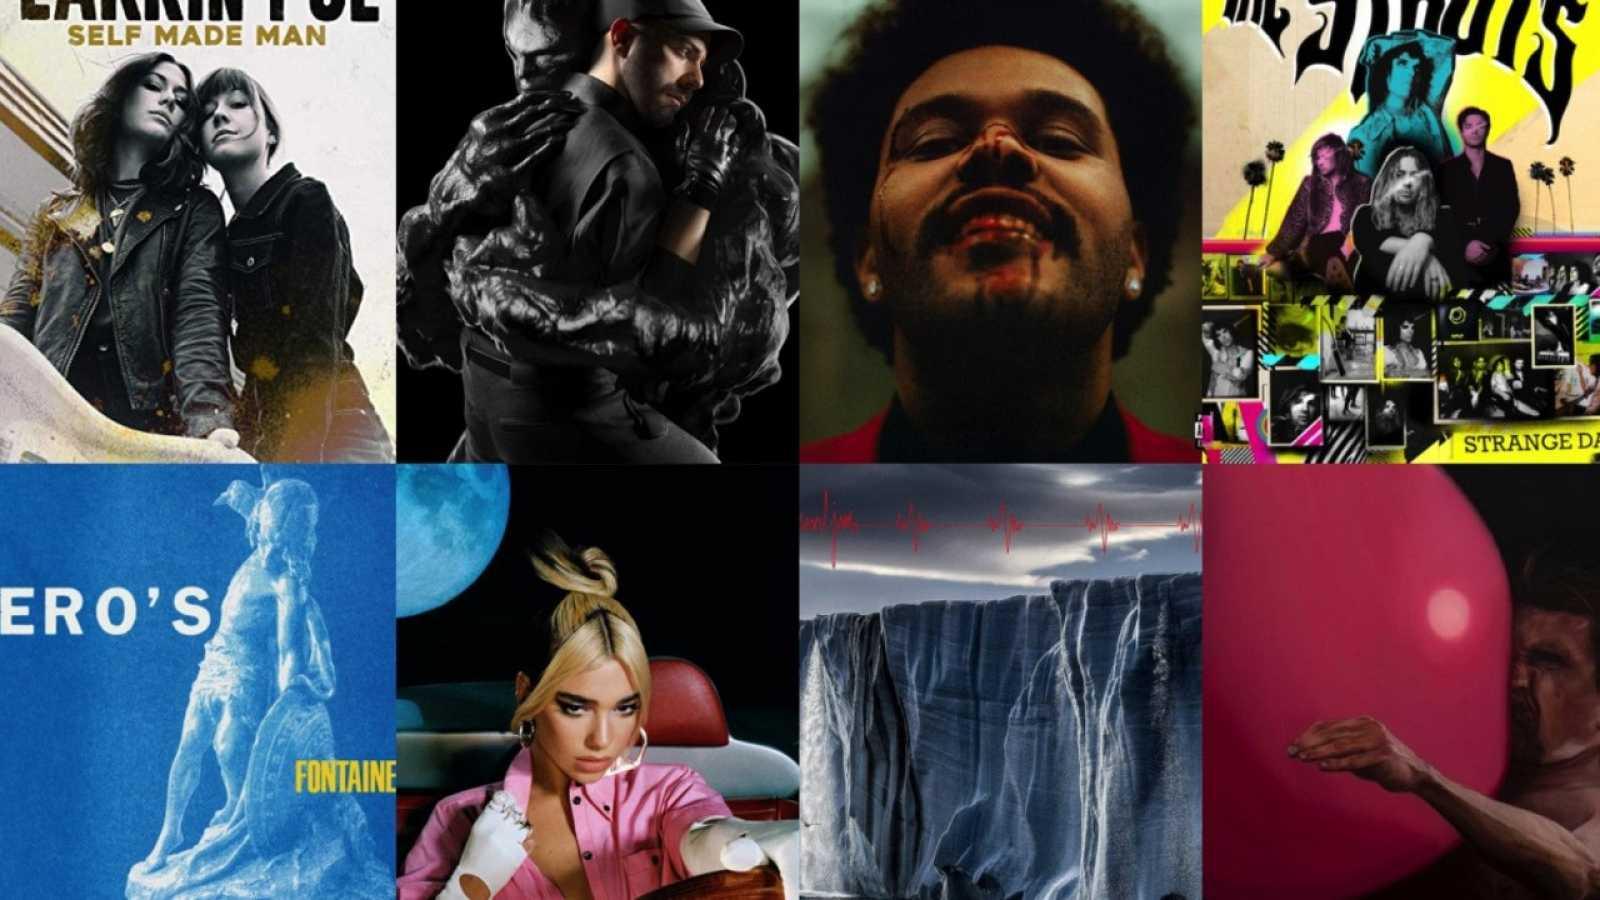 Turbo 3 - Canciones favoritas de 2020. Internacional Vol. II - 23/12/20 - escuchar ahora